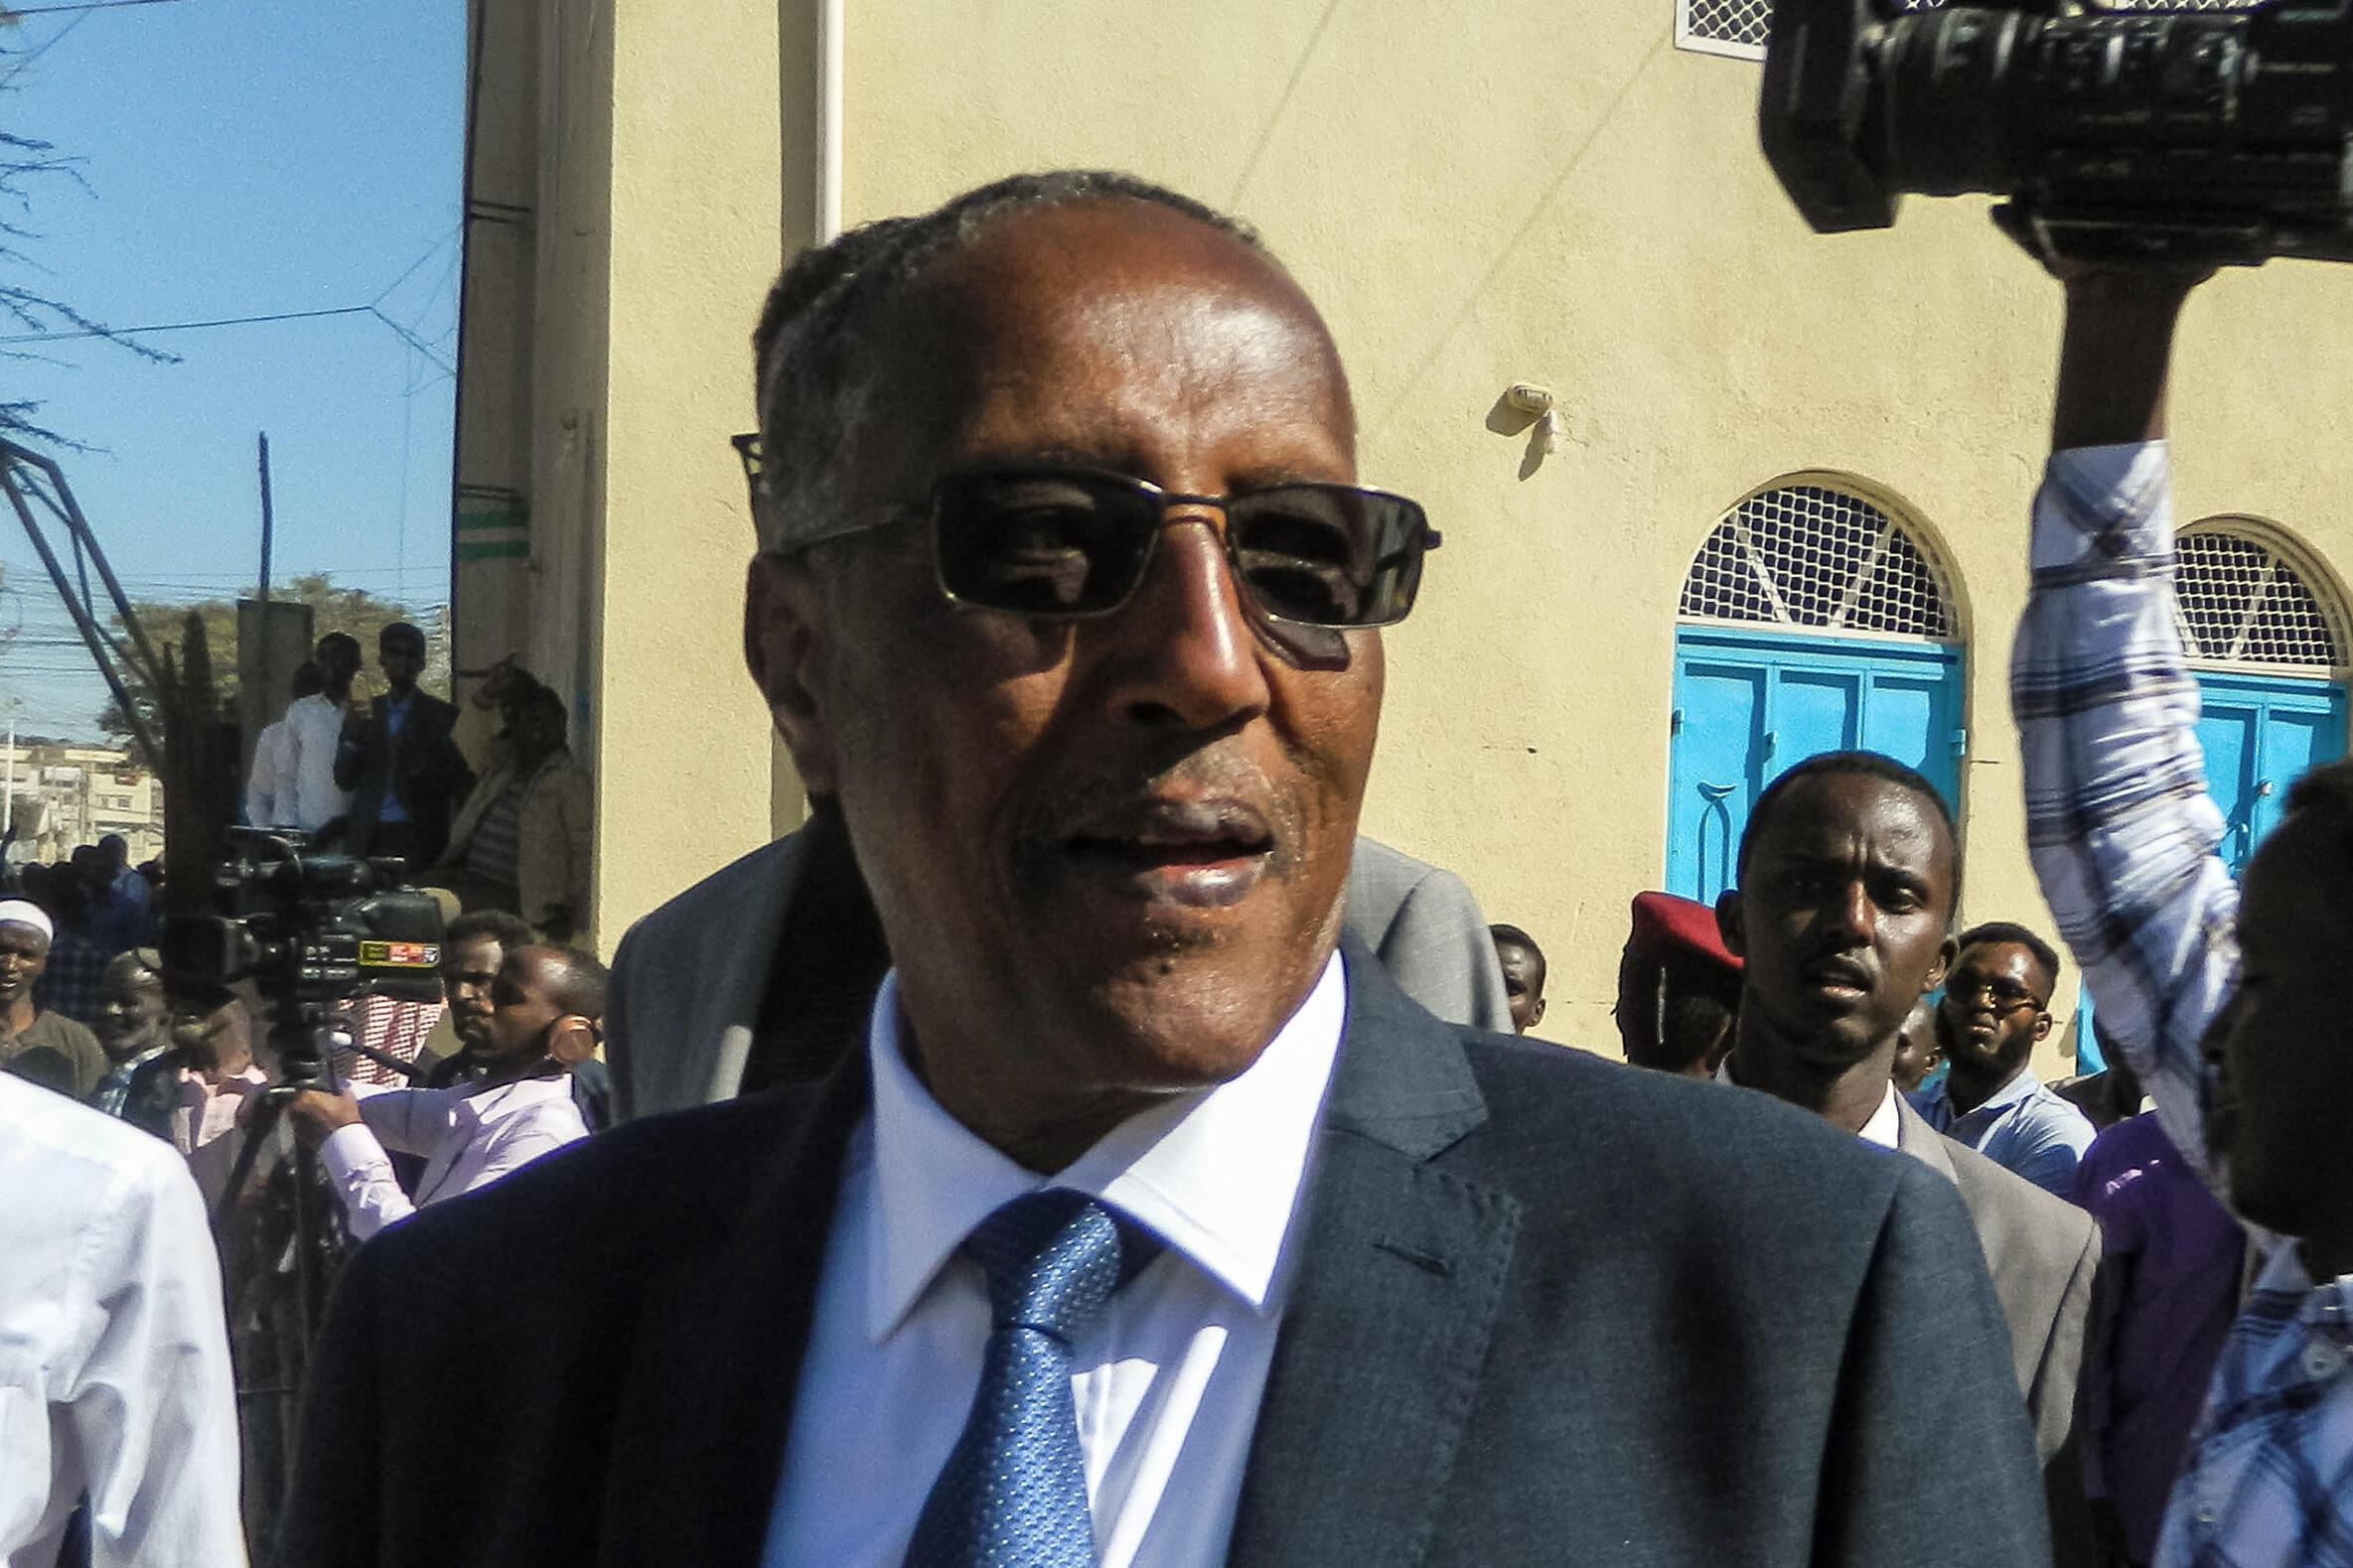 Muse Bihi Abdi, rais wa Somaliland, Novemba 13, 2017 huko Hargeisa. (Picha kumbukumbu)